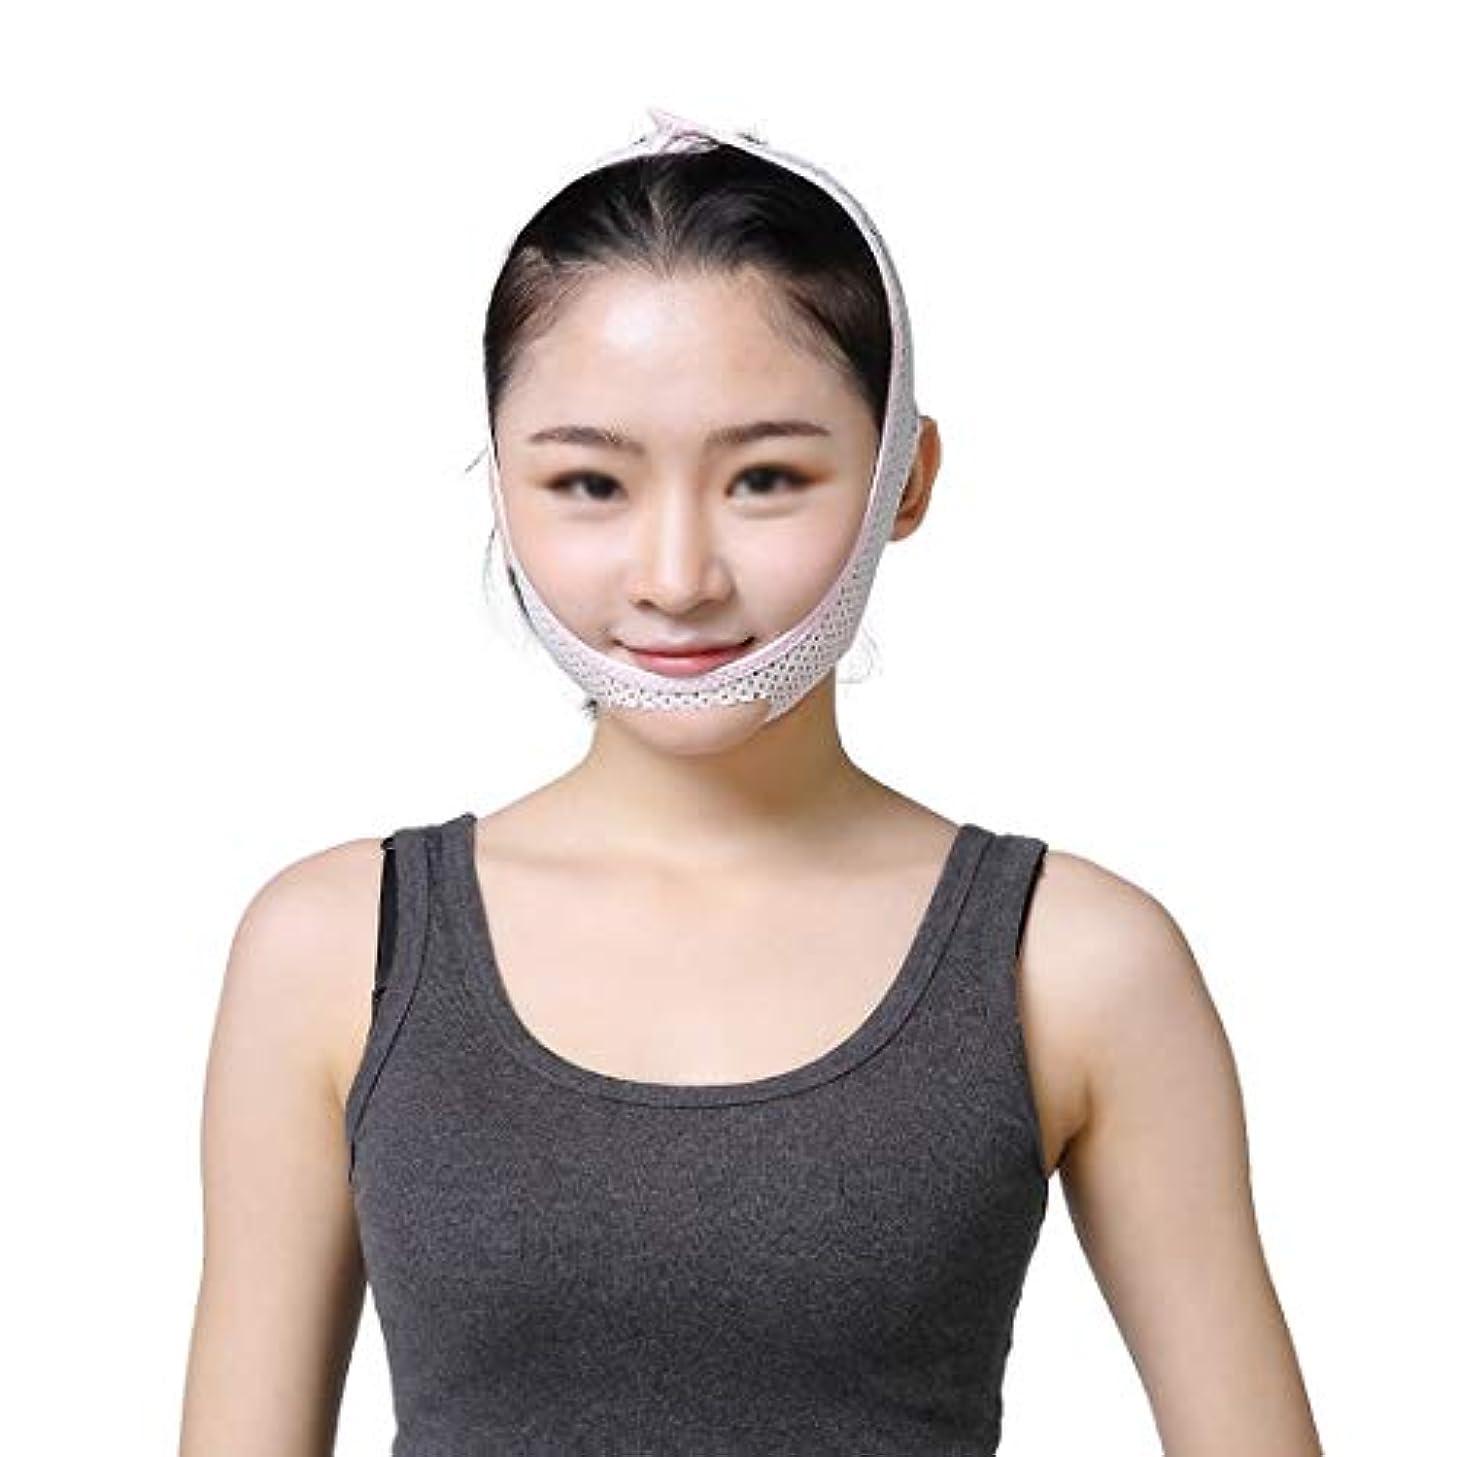 シングルシュガー鹿ZWBD フェイスマスク, 薄い顔包帯美容機器持ち上がる引き締めダブルチン判決V顔の引き締め痩身包帯引き締めフェイシャルマッサージ (Size : L)